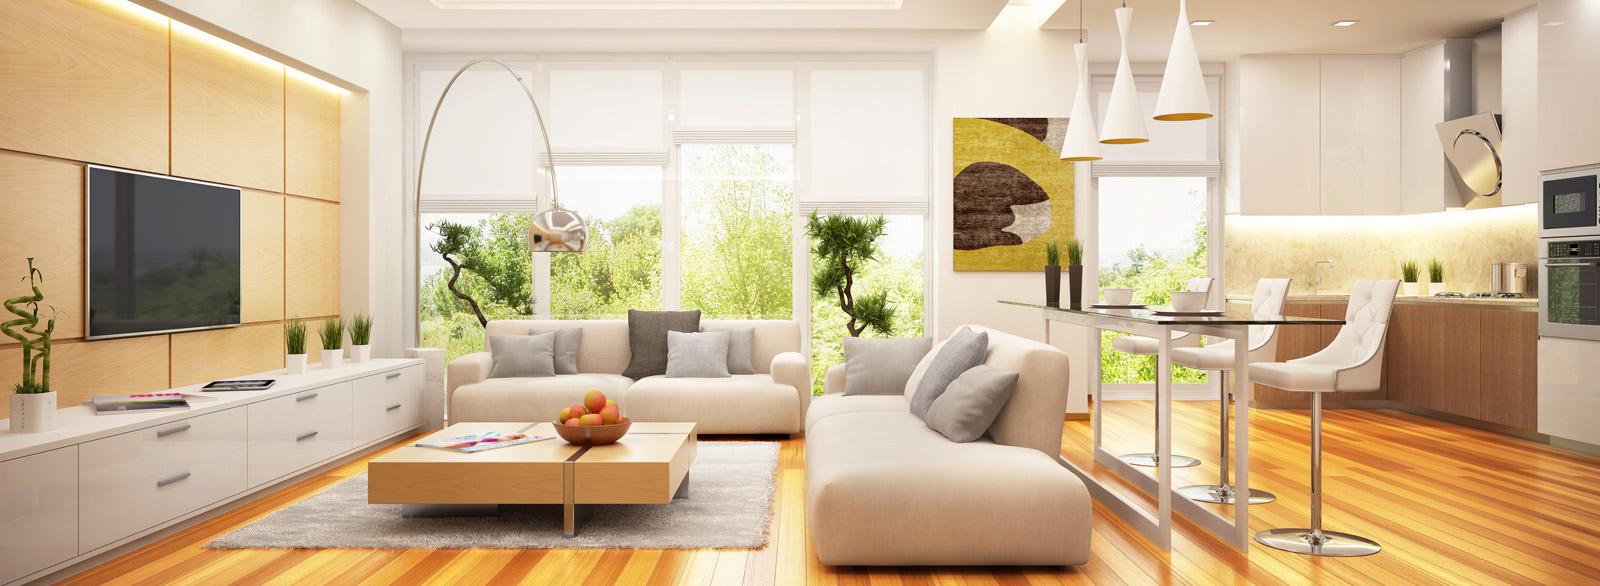 curso online de dise o de interiores para viviendas dsigno